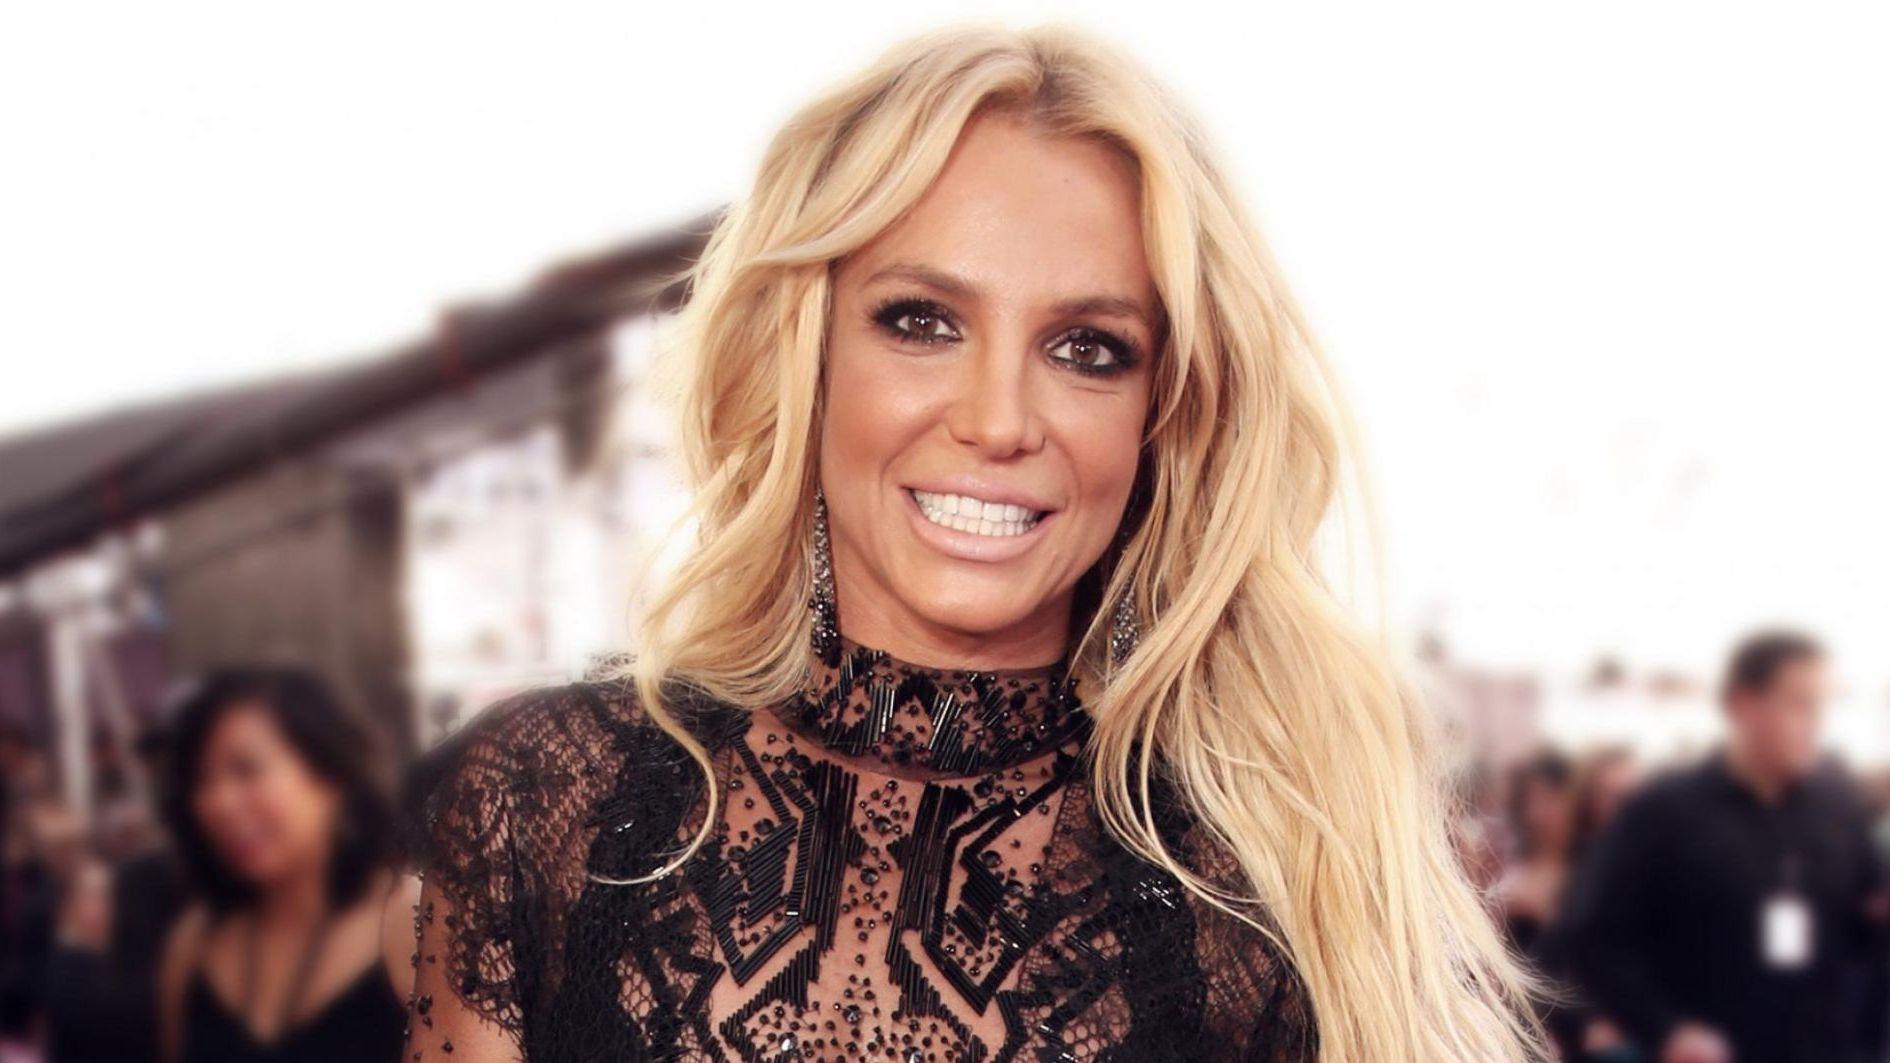 Britney Spears divides fans with Black Lives Matter post